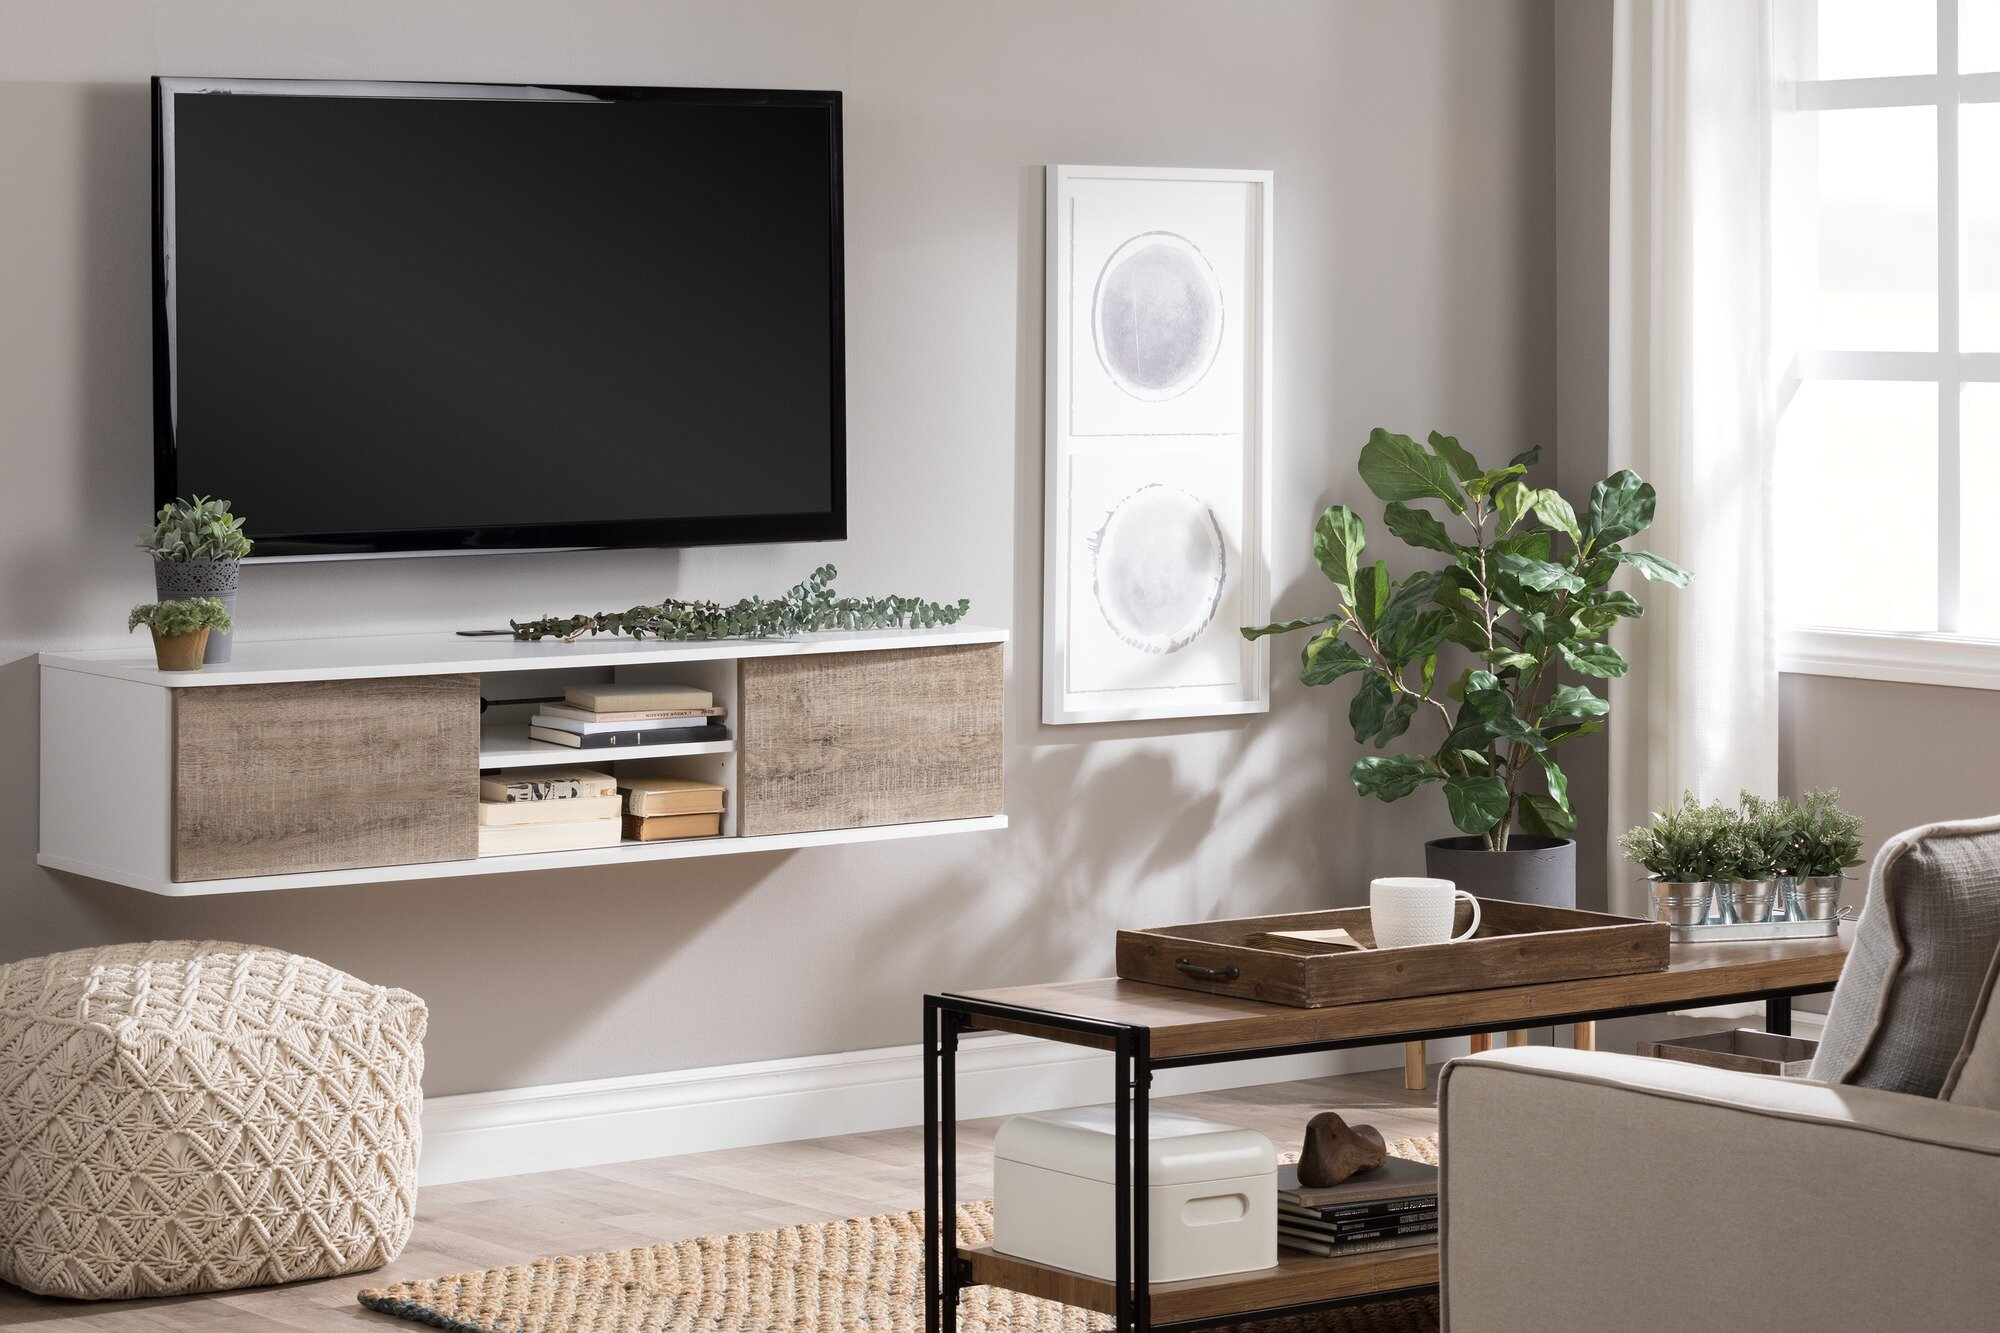 How To Mount A Tv Wayfair